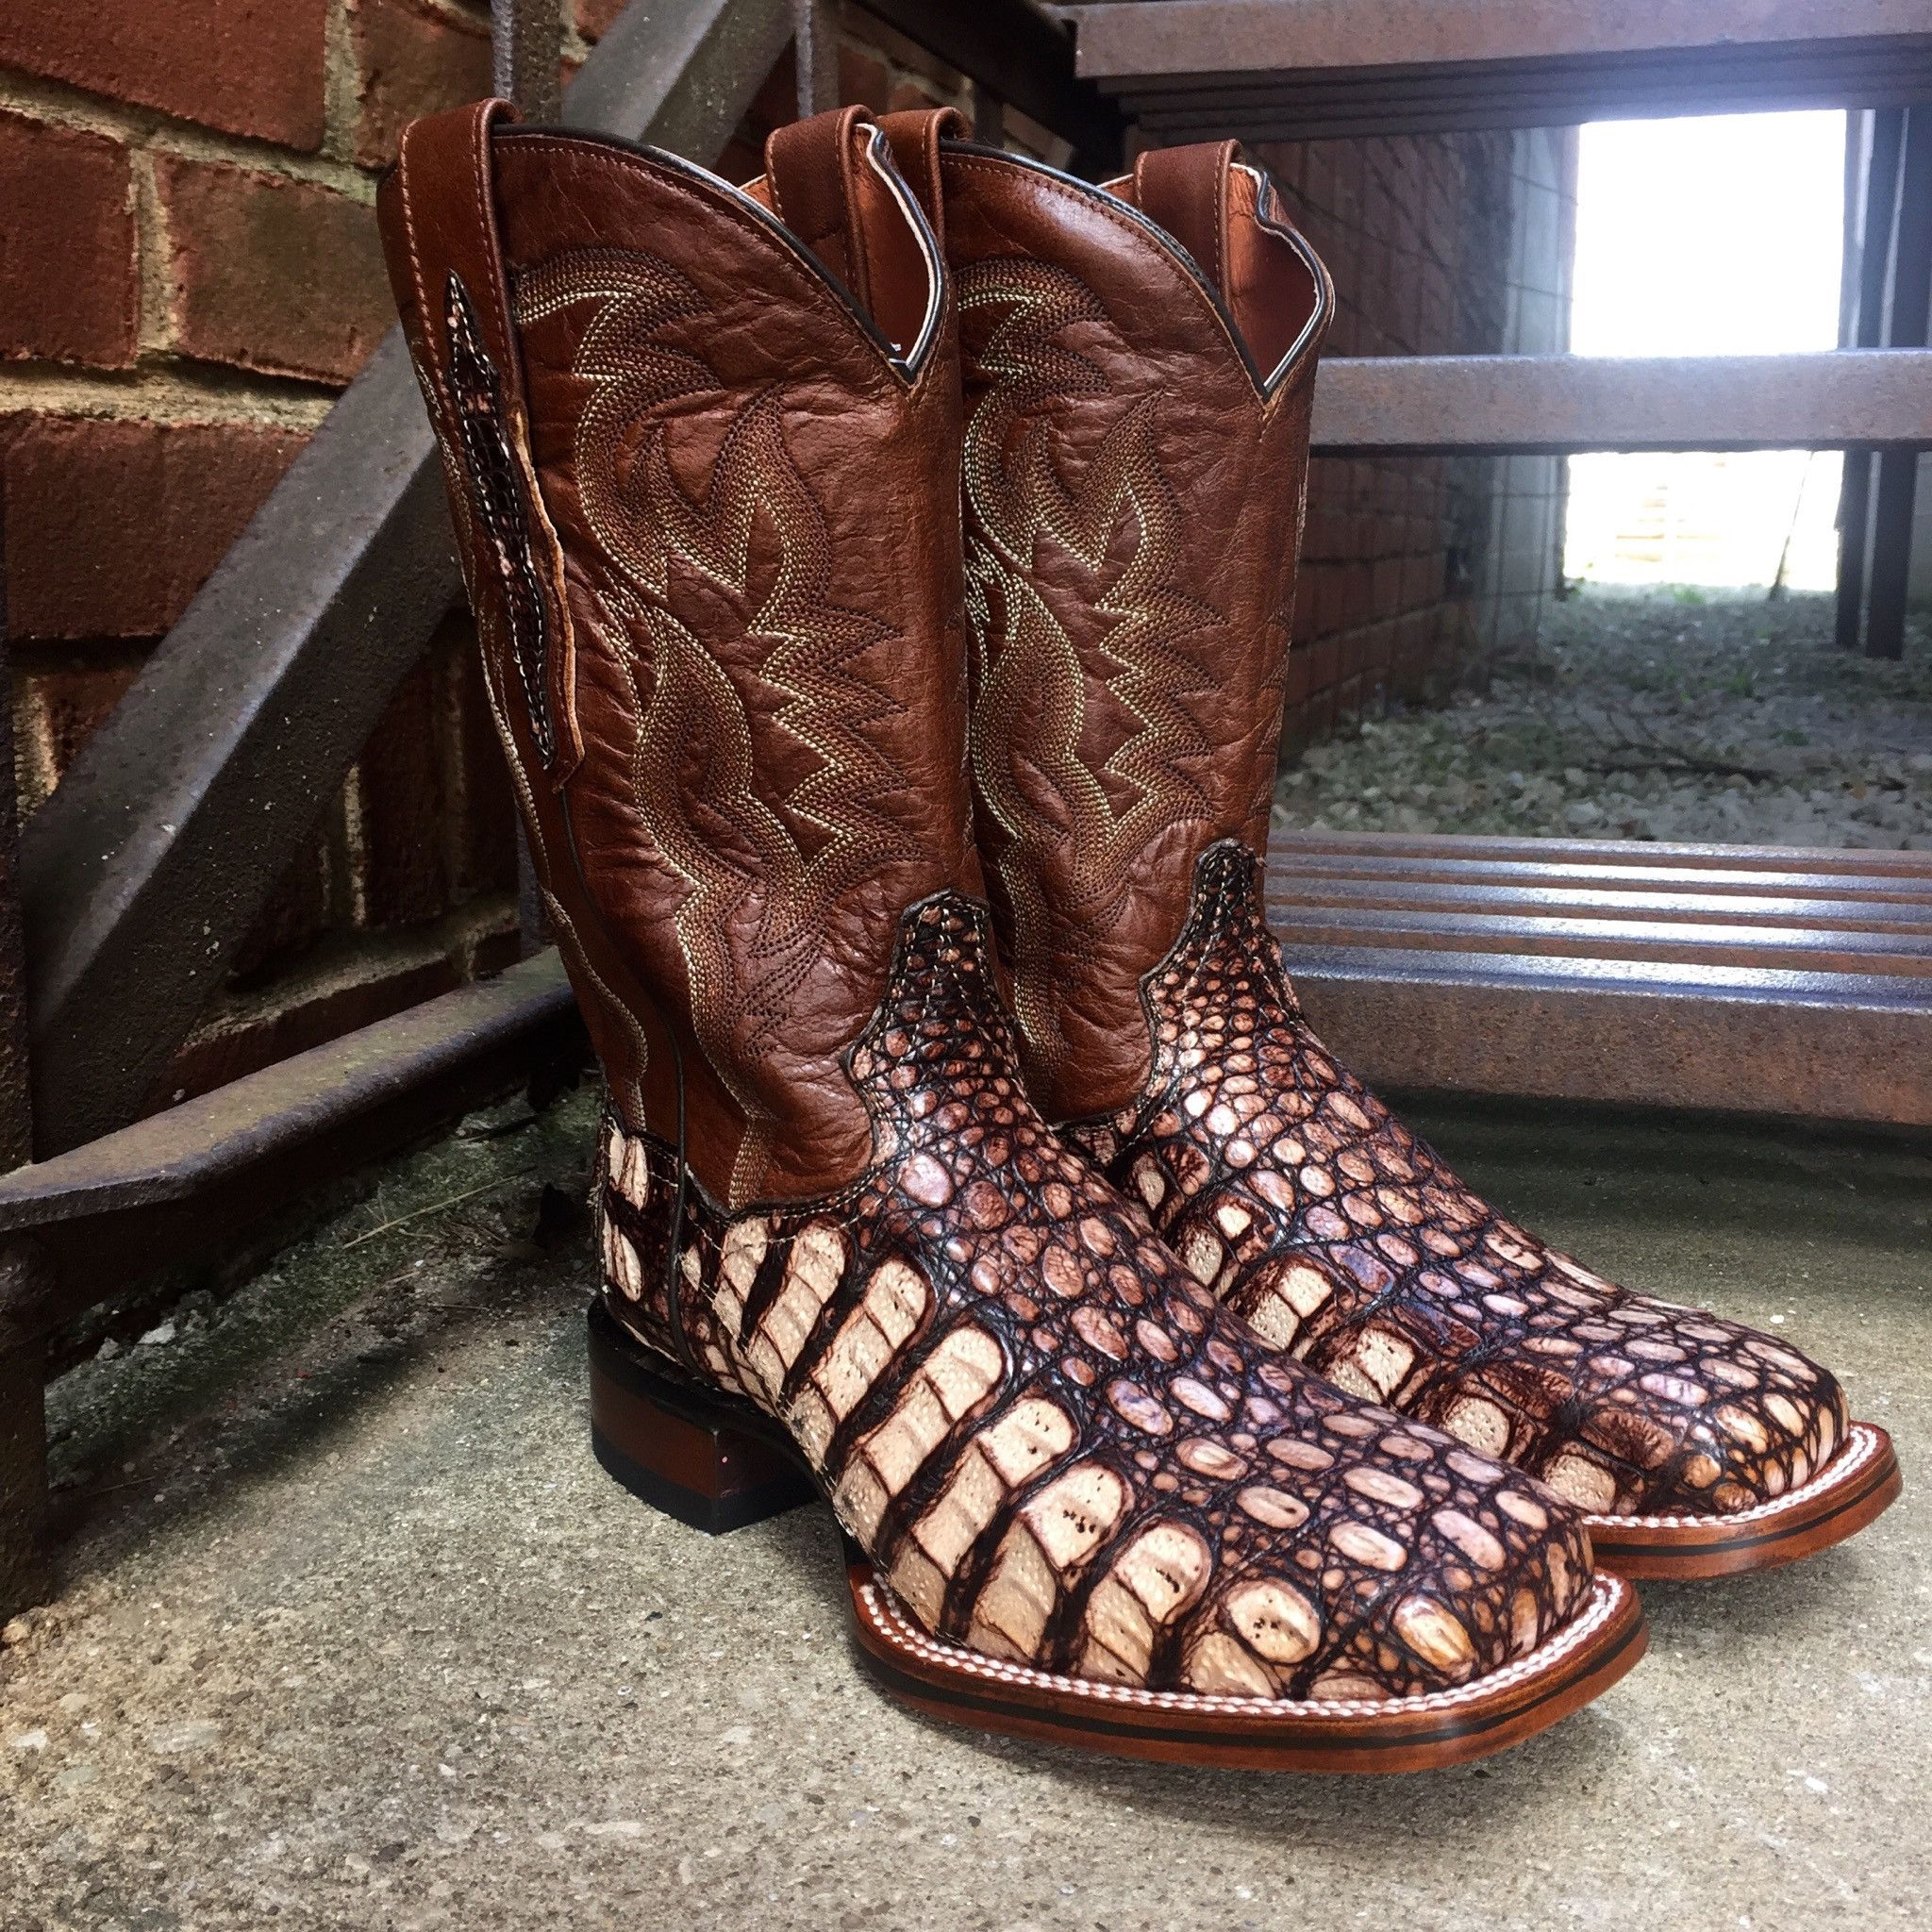 75840582203 Dan Post Cowboy Certified Women's Camel Everglades Flank Caiman ...